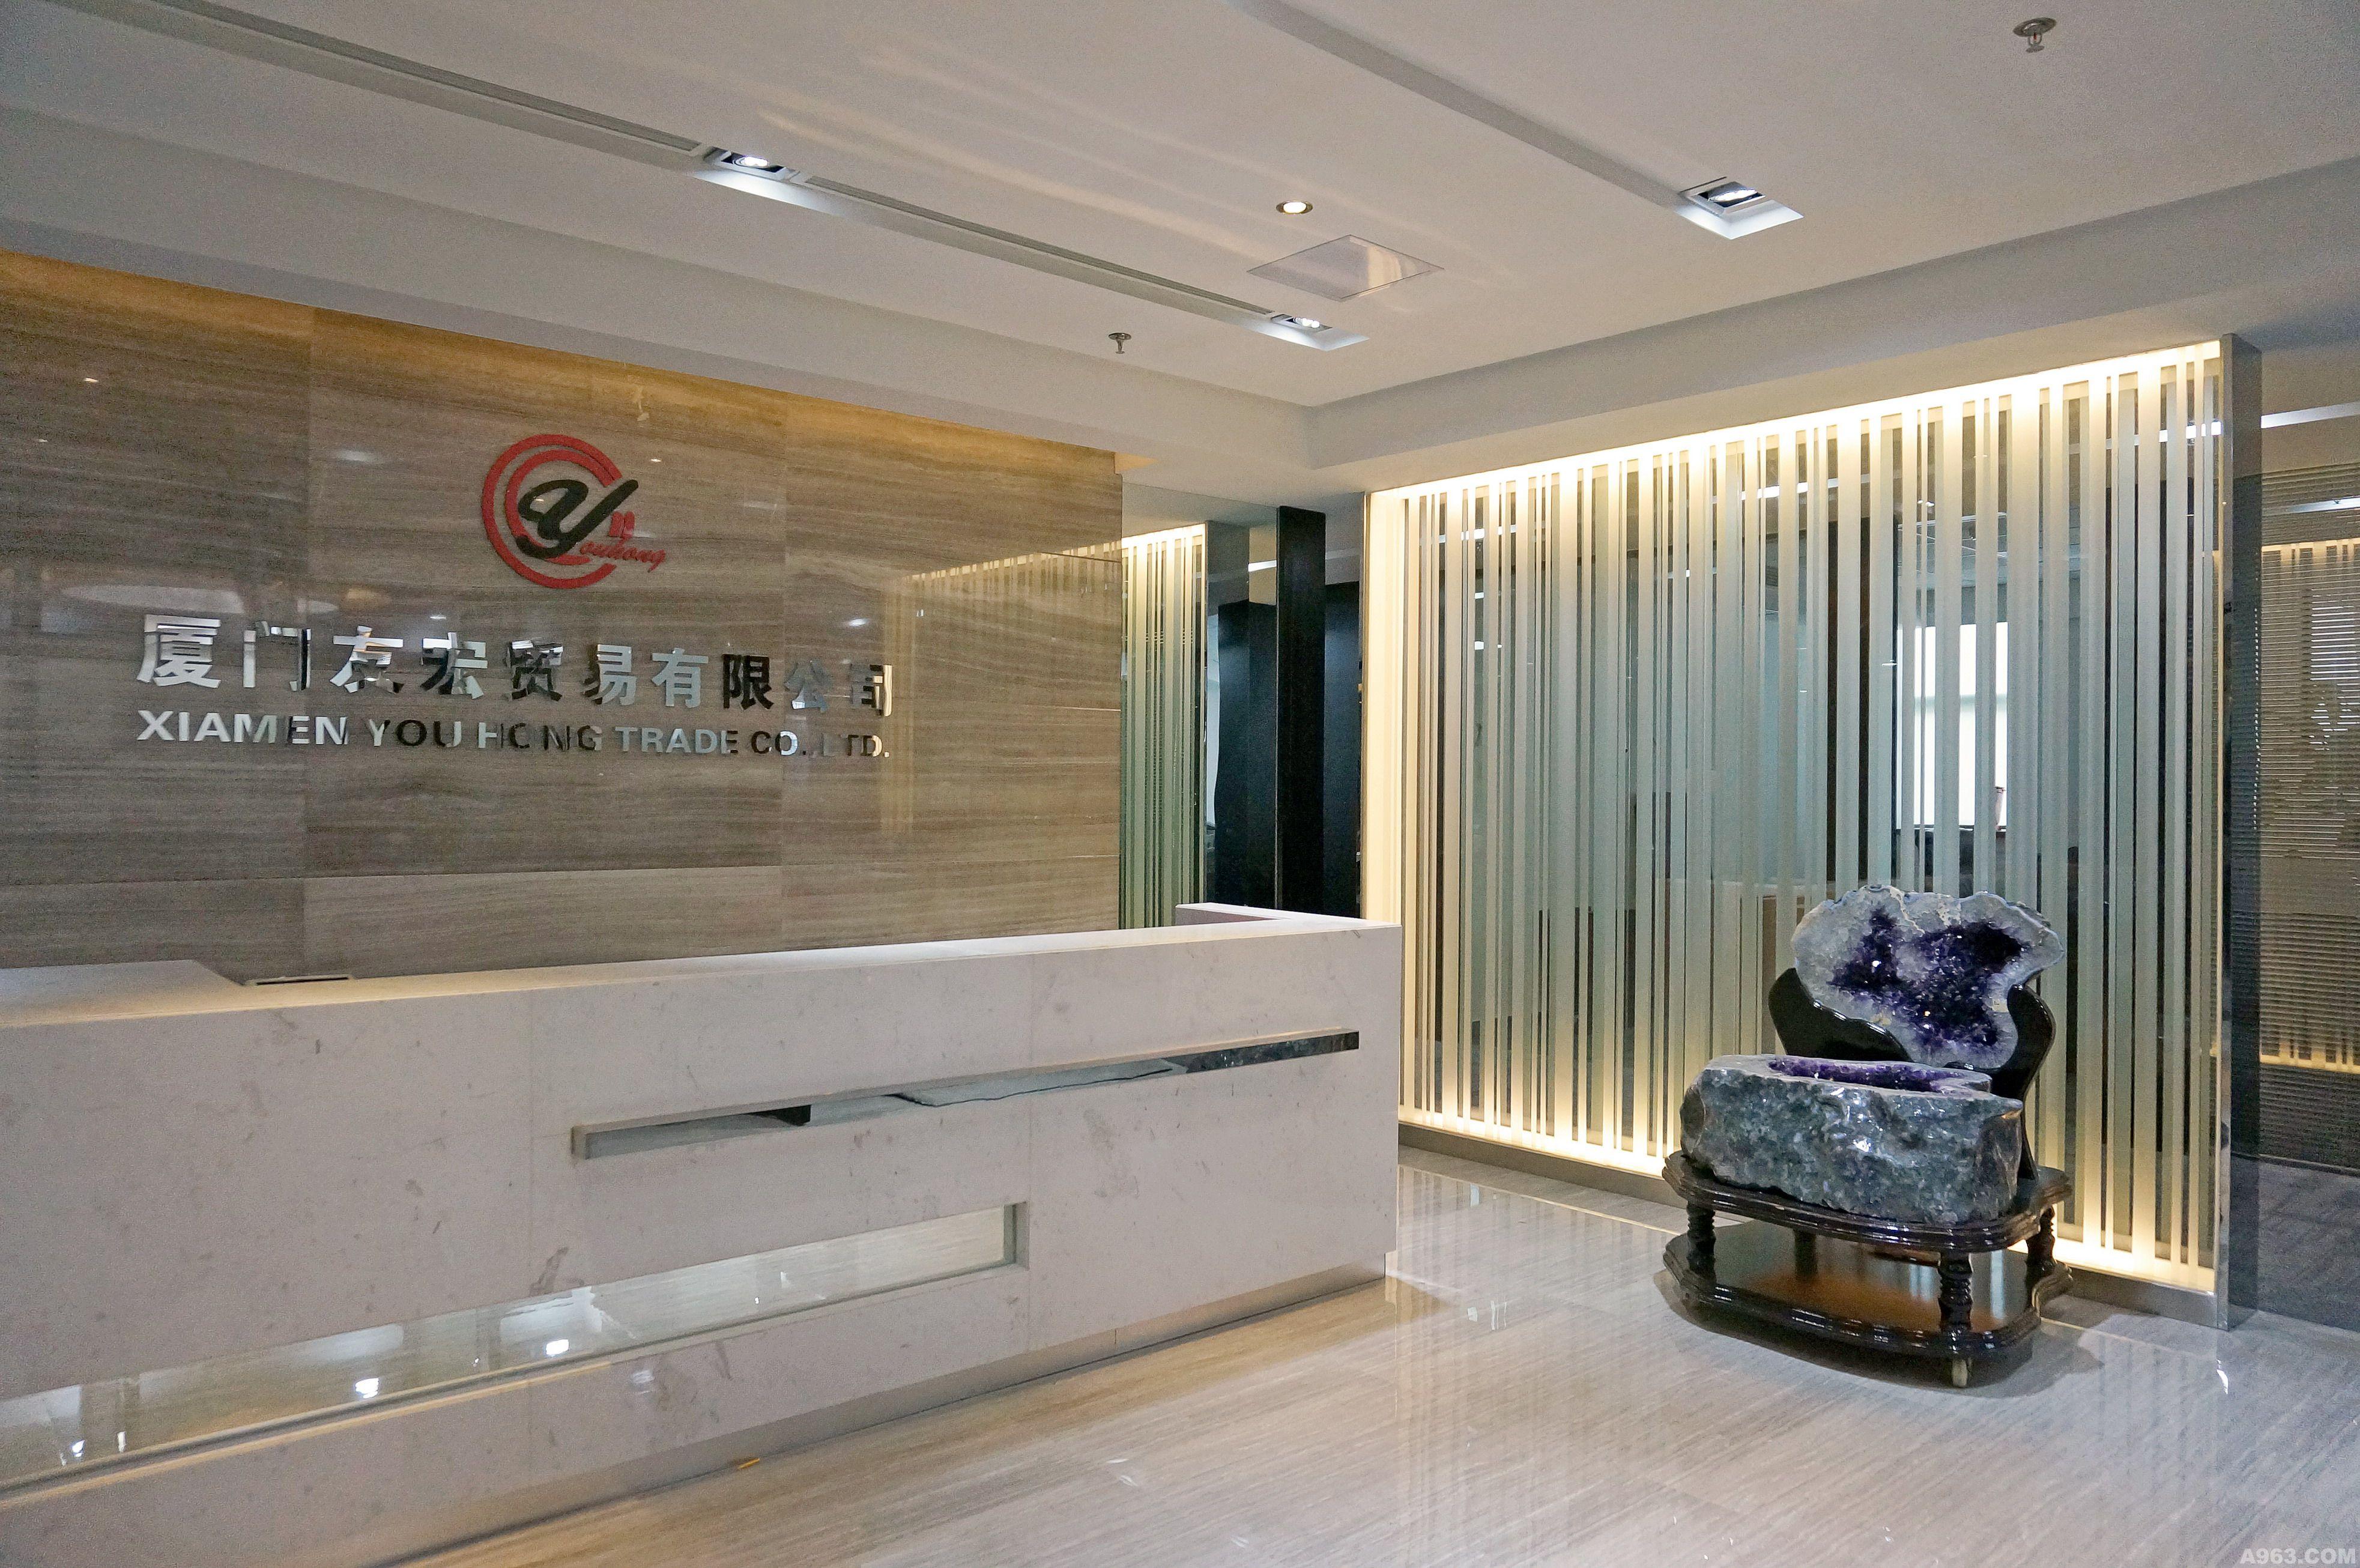 中华室内设计网 作品中心 公共空间 办公空间 > 福州朗思装饰设计有限